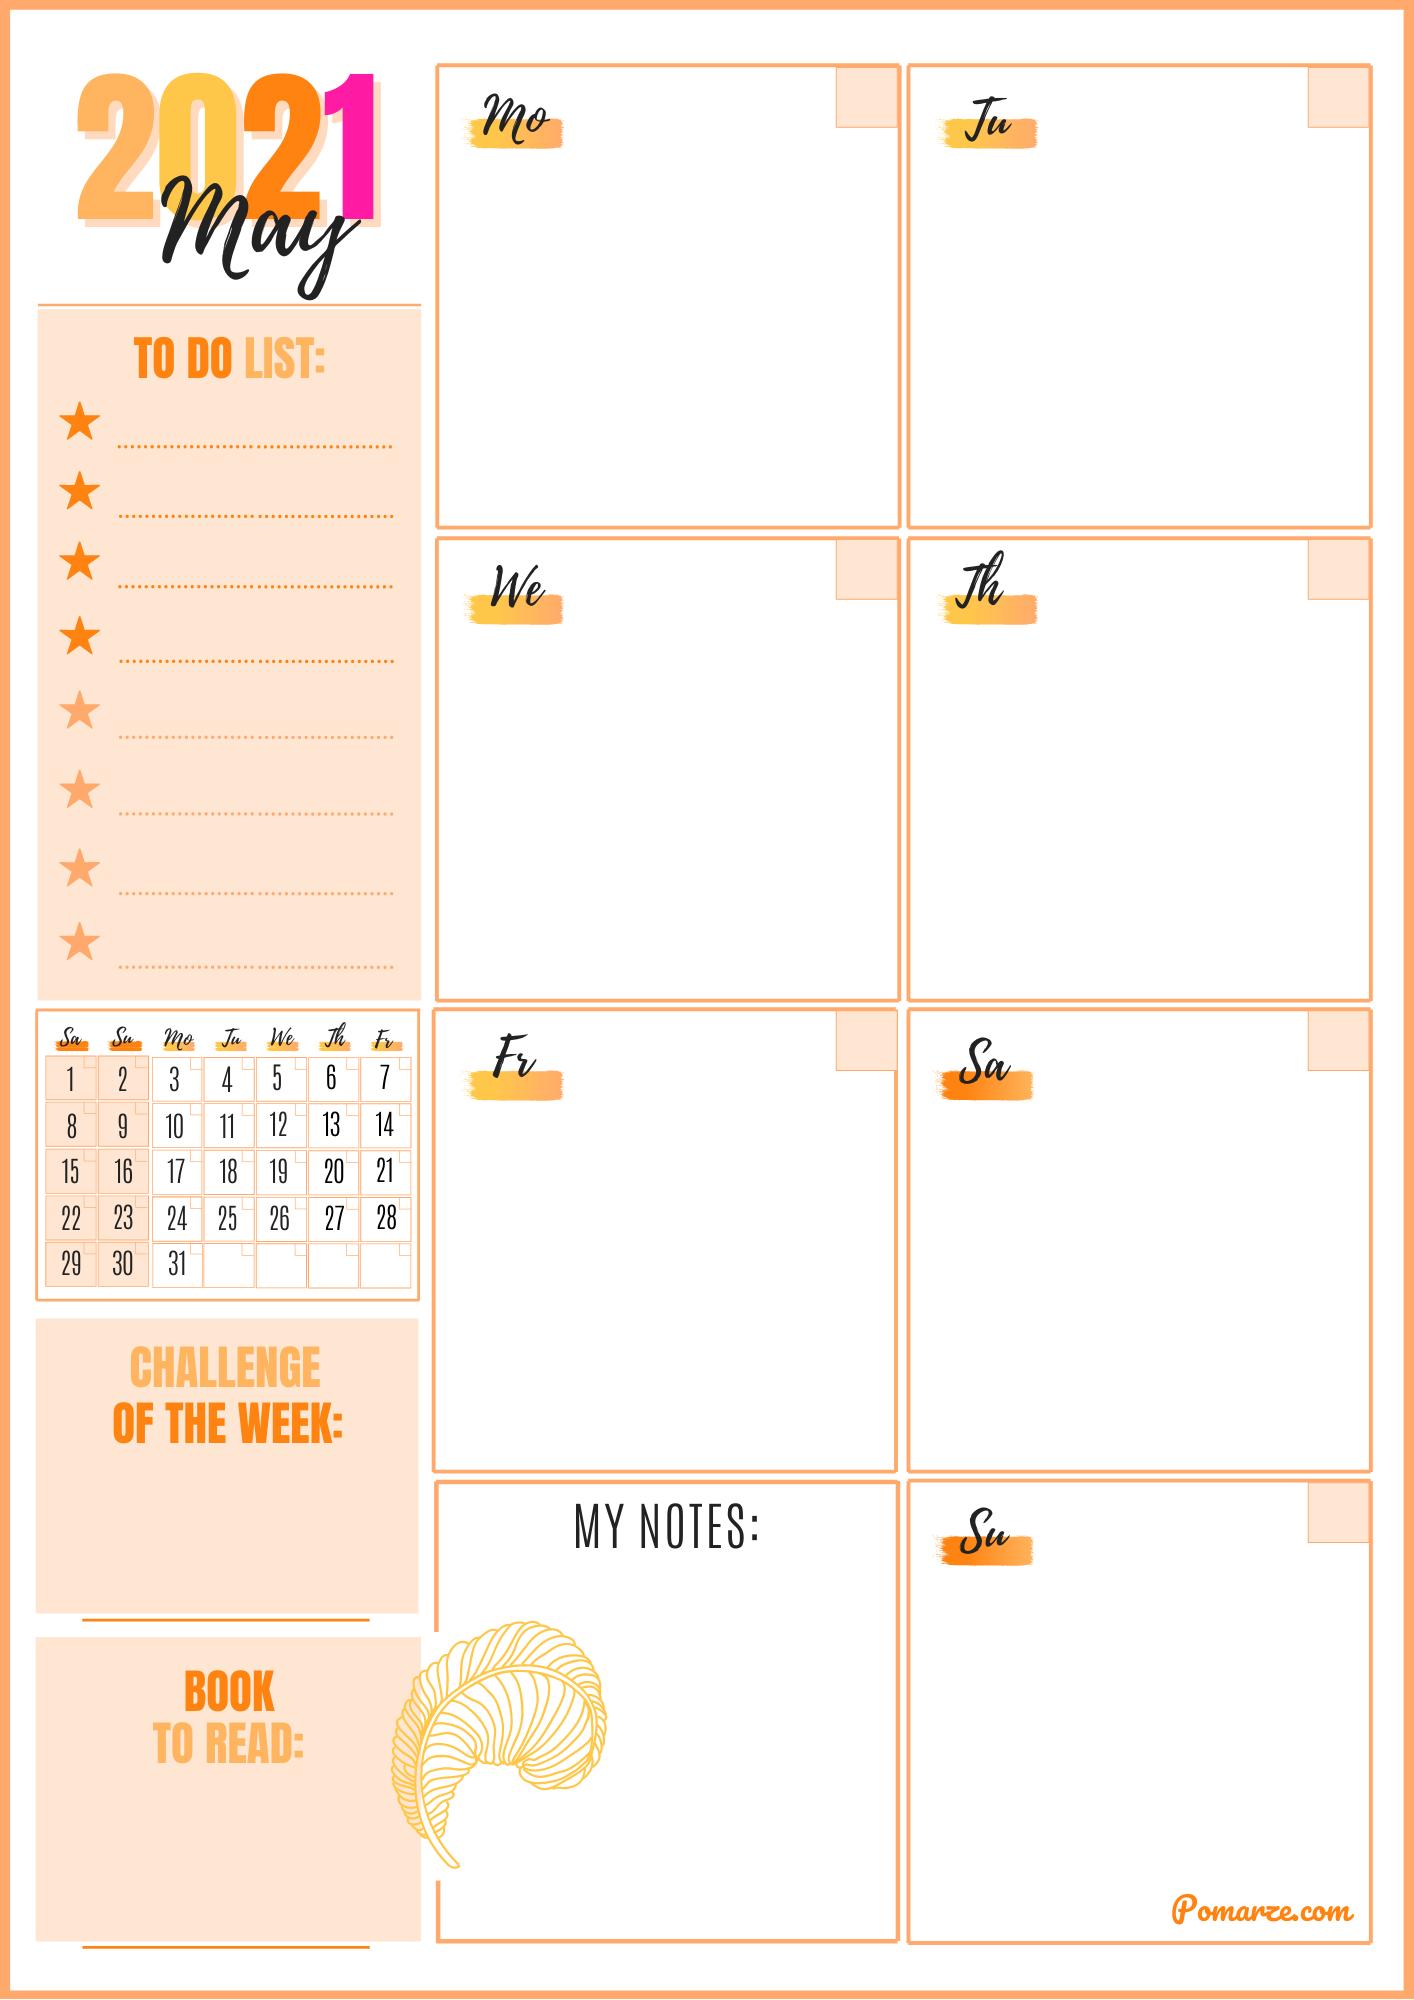 Weekly calendar planner May 2021 pink orange notes